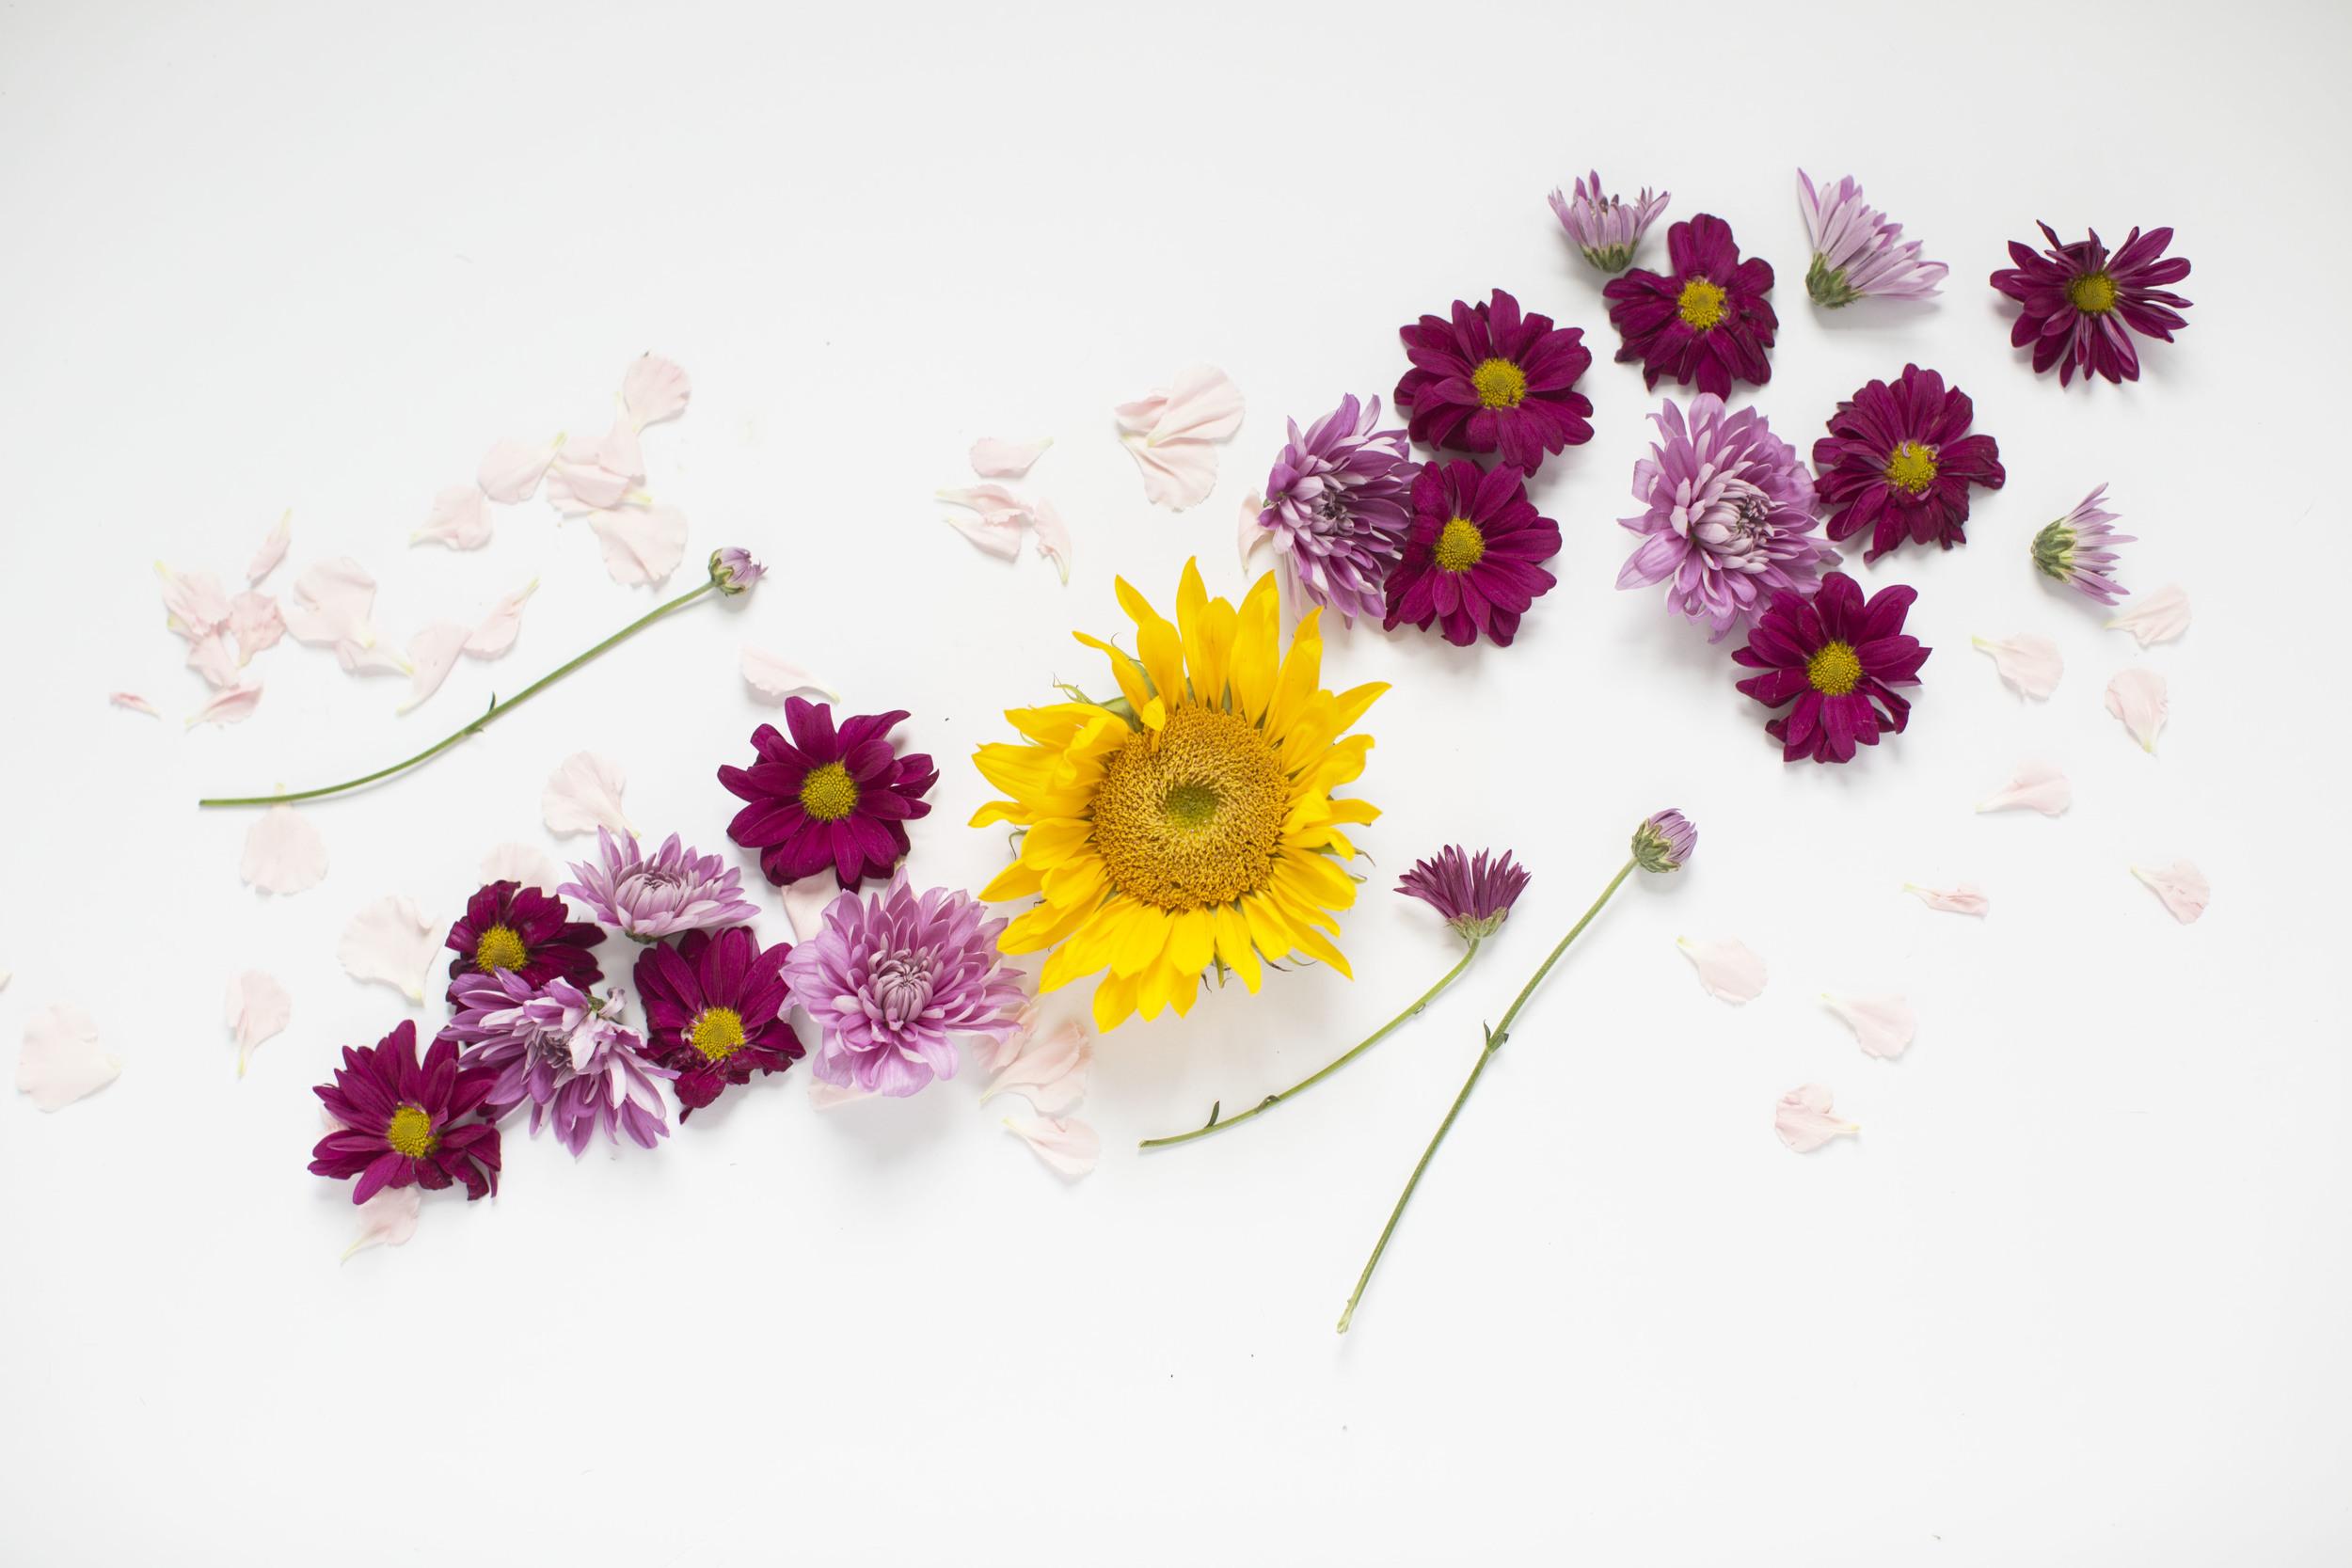 Sunflower_Florals.jpg